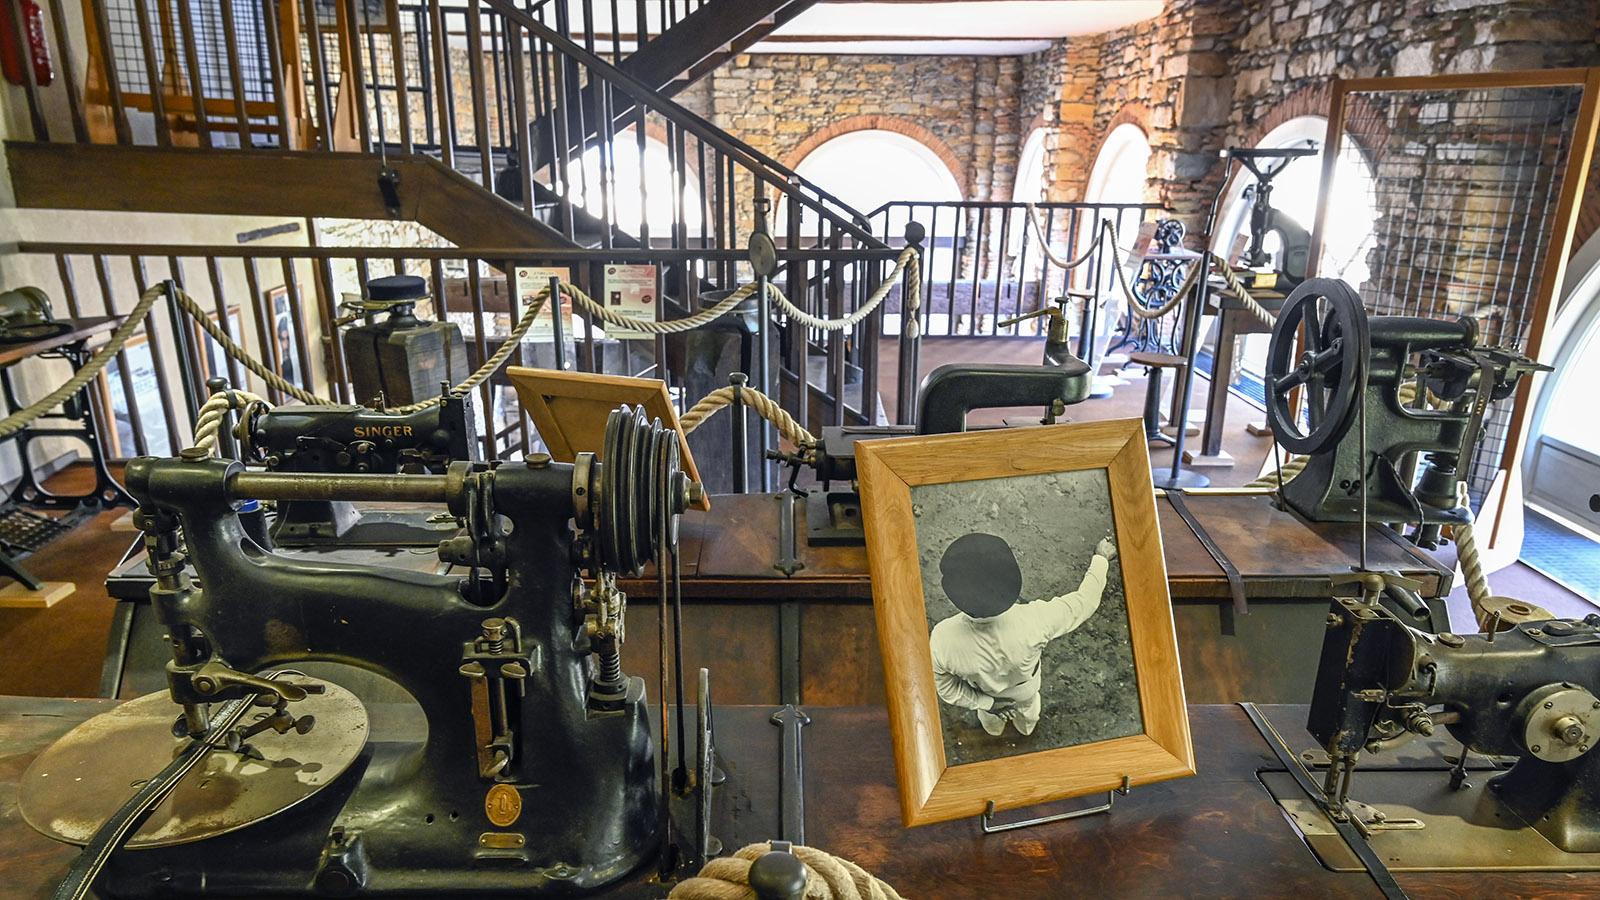 Weltweit einzigartig: das Musée du Béret in Nay. Foto: Hilke Maunder